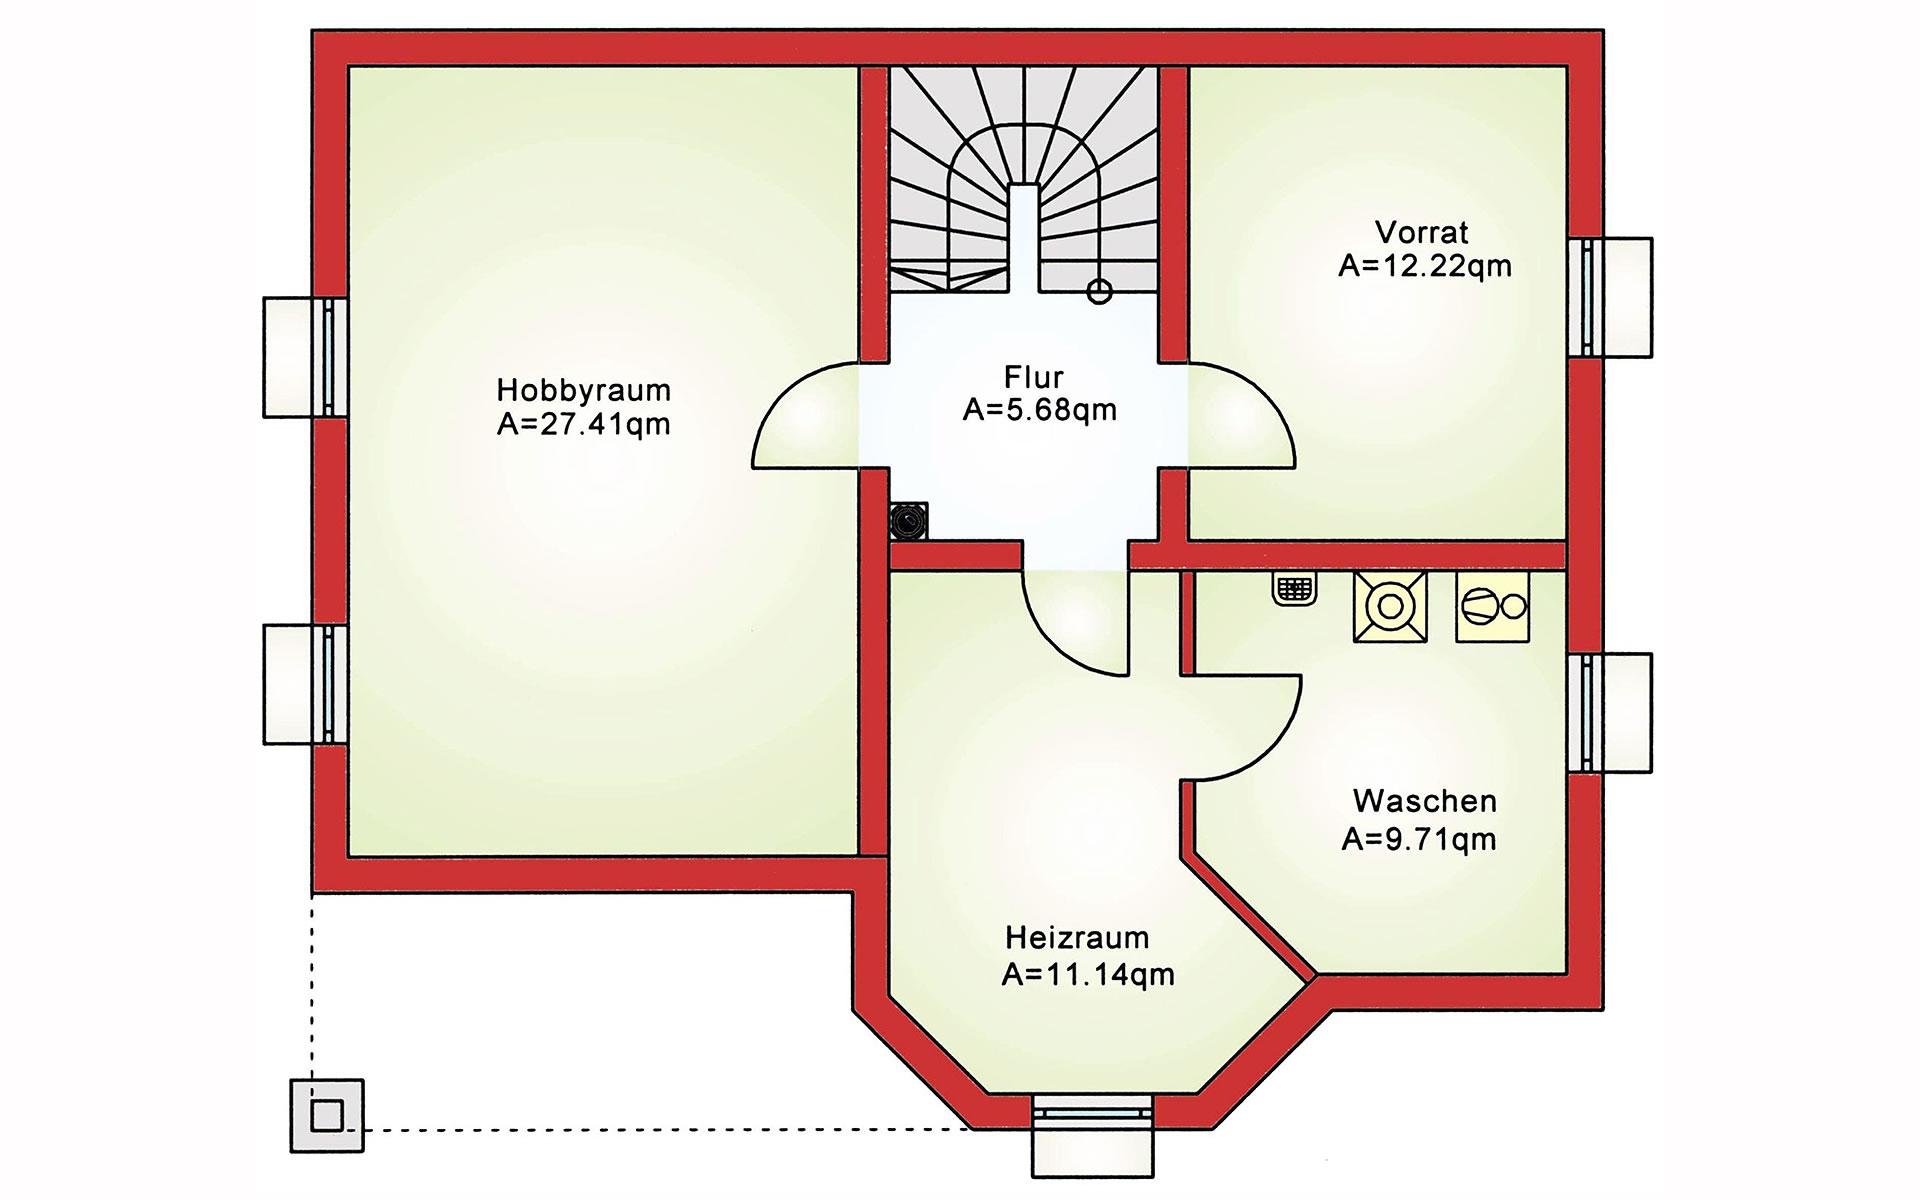 Keller Einfamilienhaus BS 129 von B&S Selbstbausysteme GmbH & Co. KG